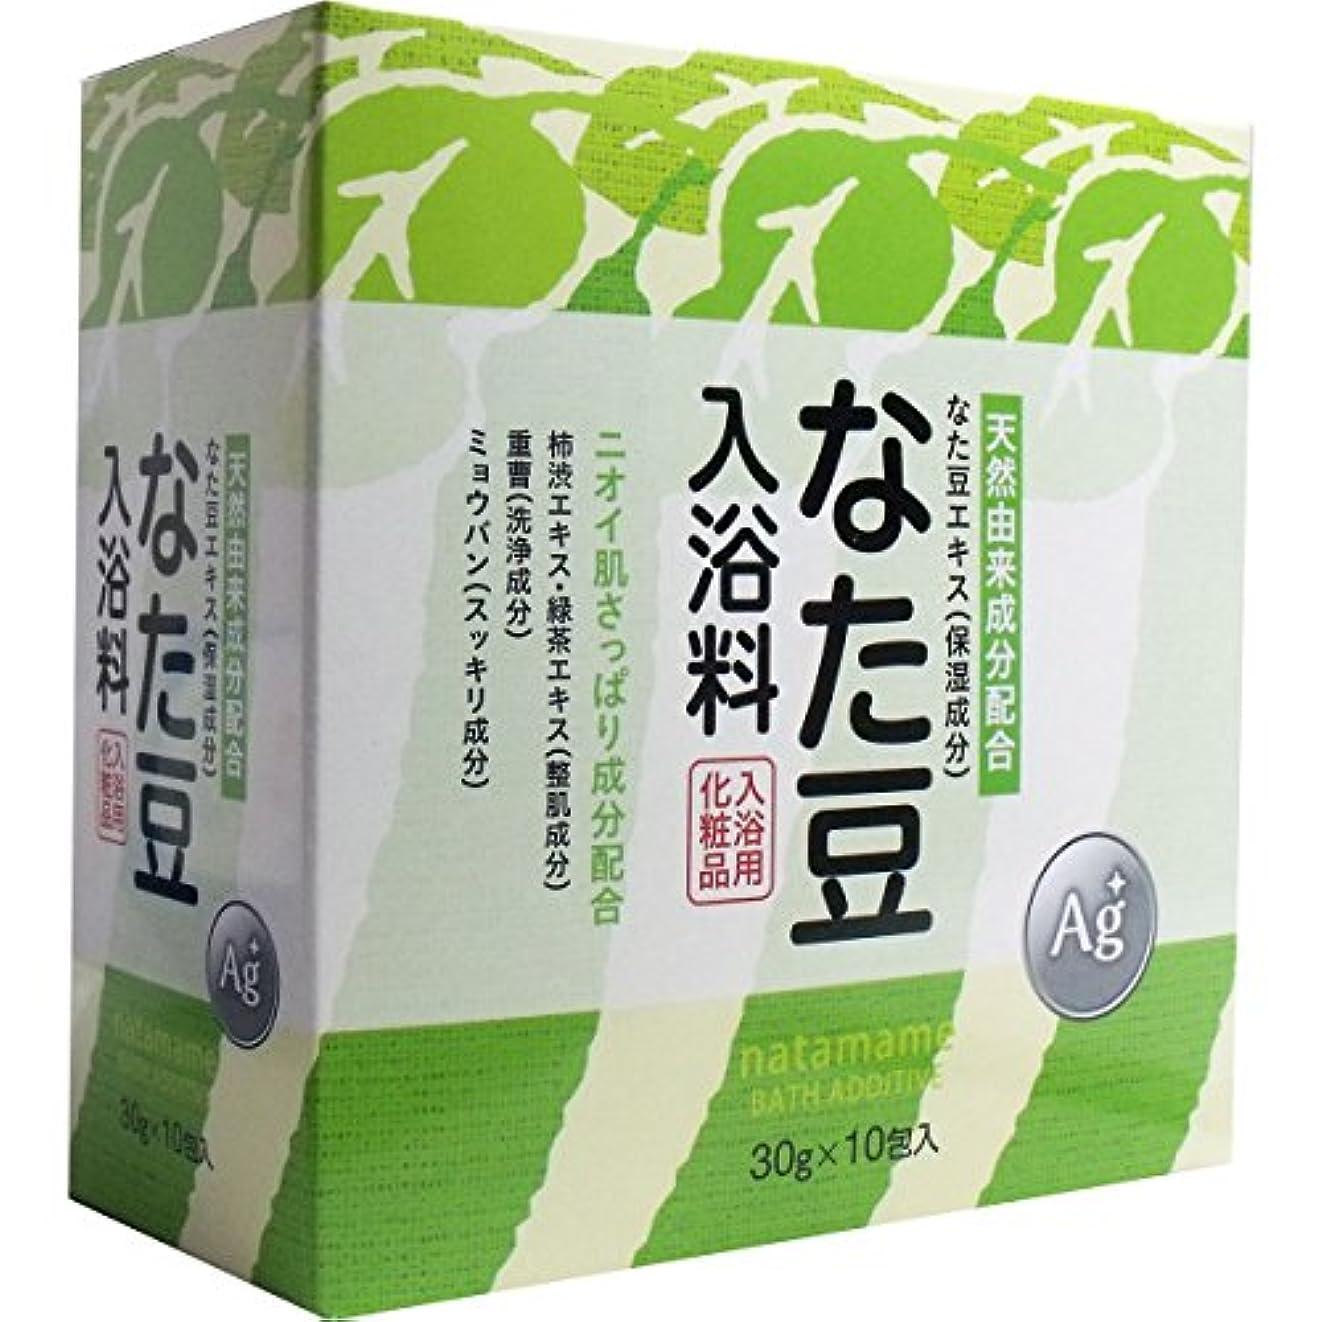 威信補正出くわすなた豆入浴料 入浴用化粧品 30g×10包入×10